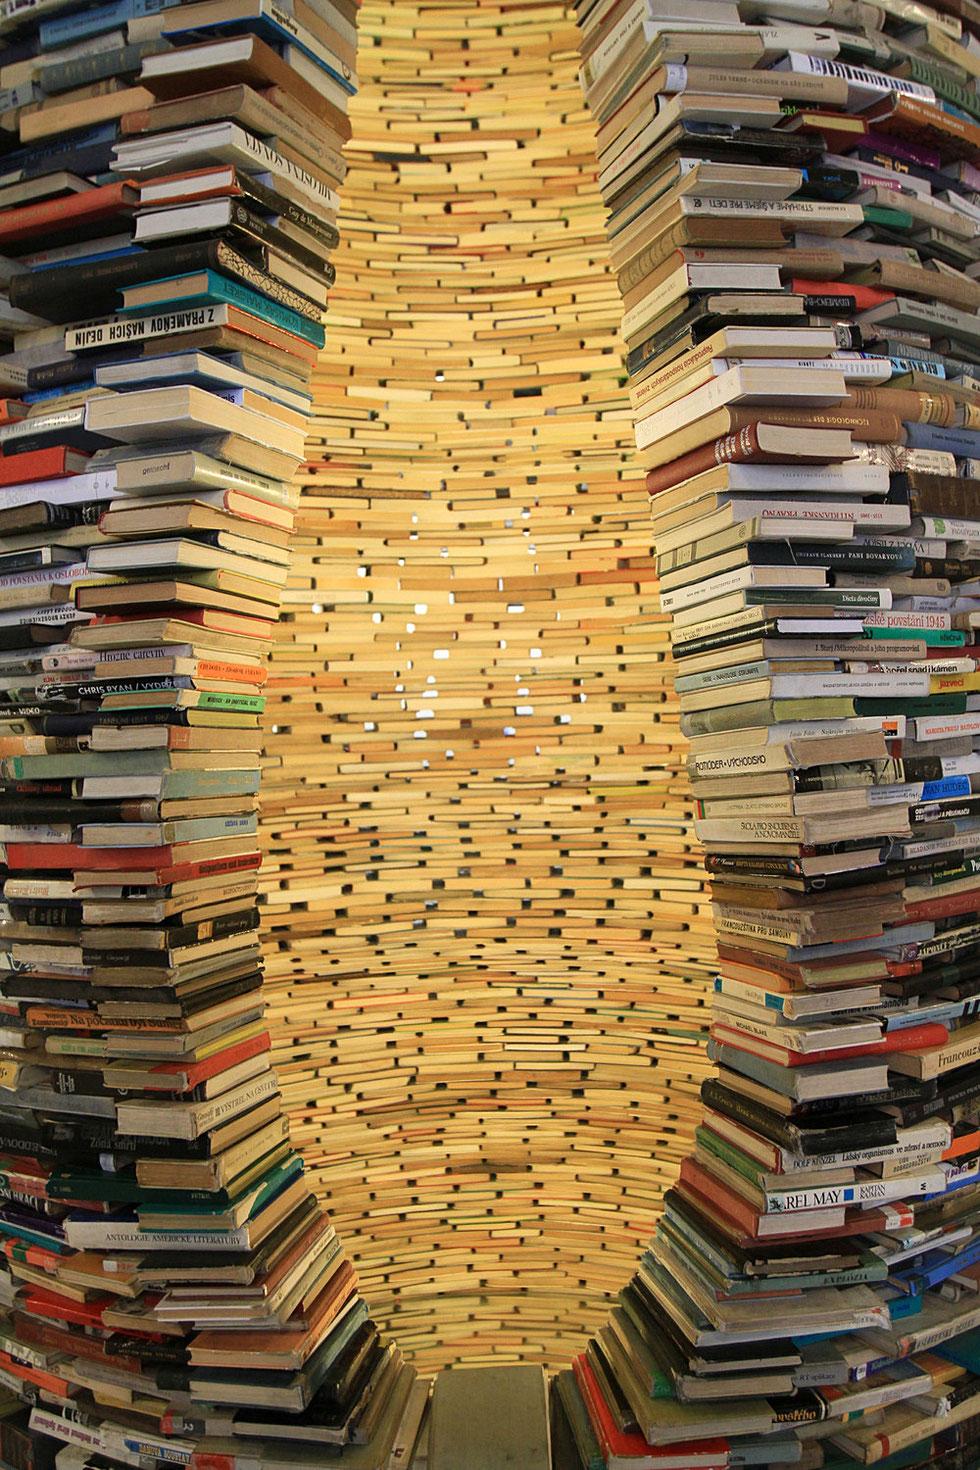 Sculpture de livres. Bibliothèque municipale de Prague.